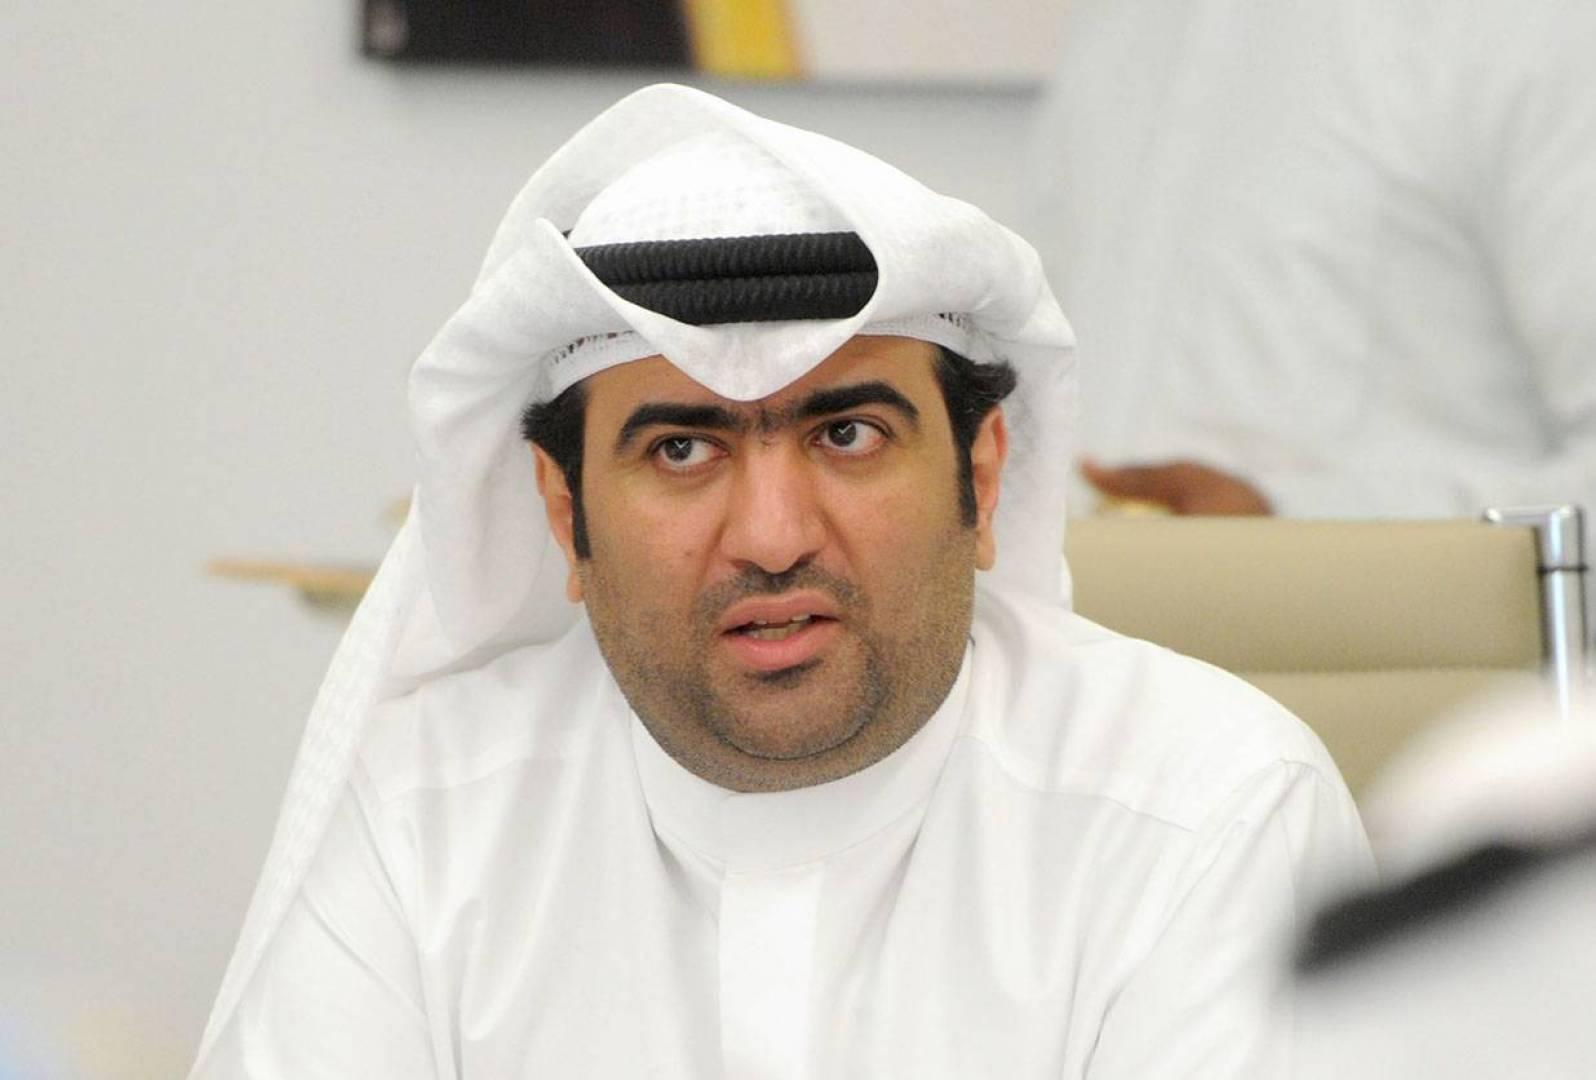 وزير «الخدمات» يرفع المستوى الأمني للمرافق المينائية إلى المستوى 2